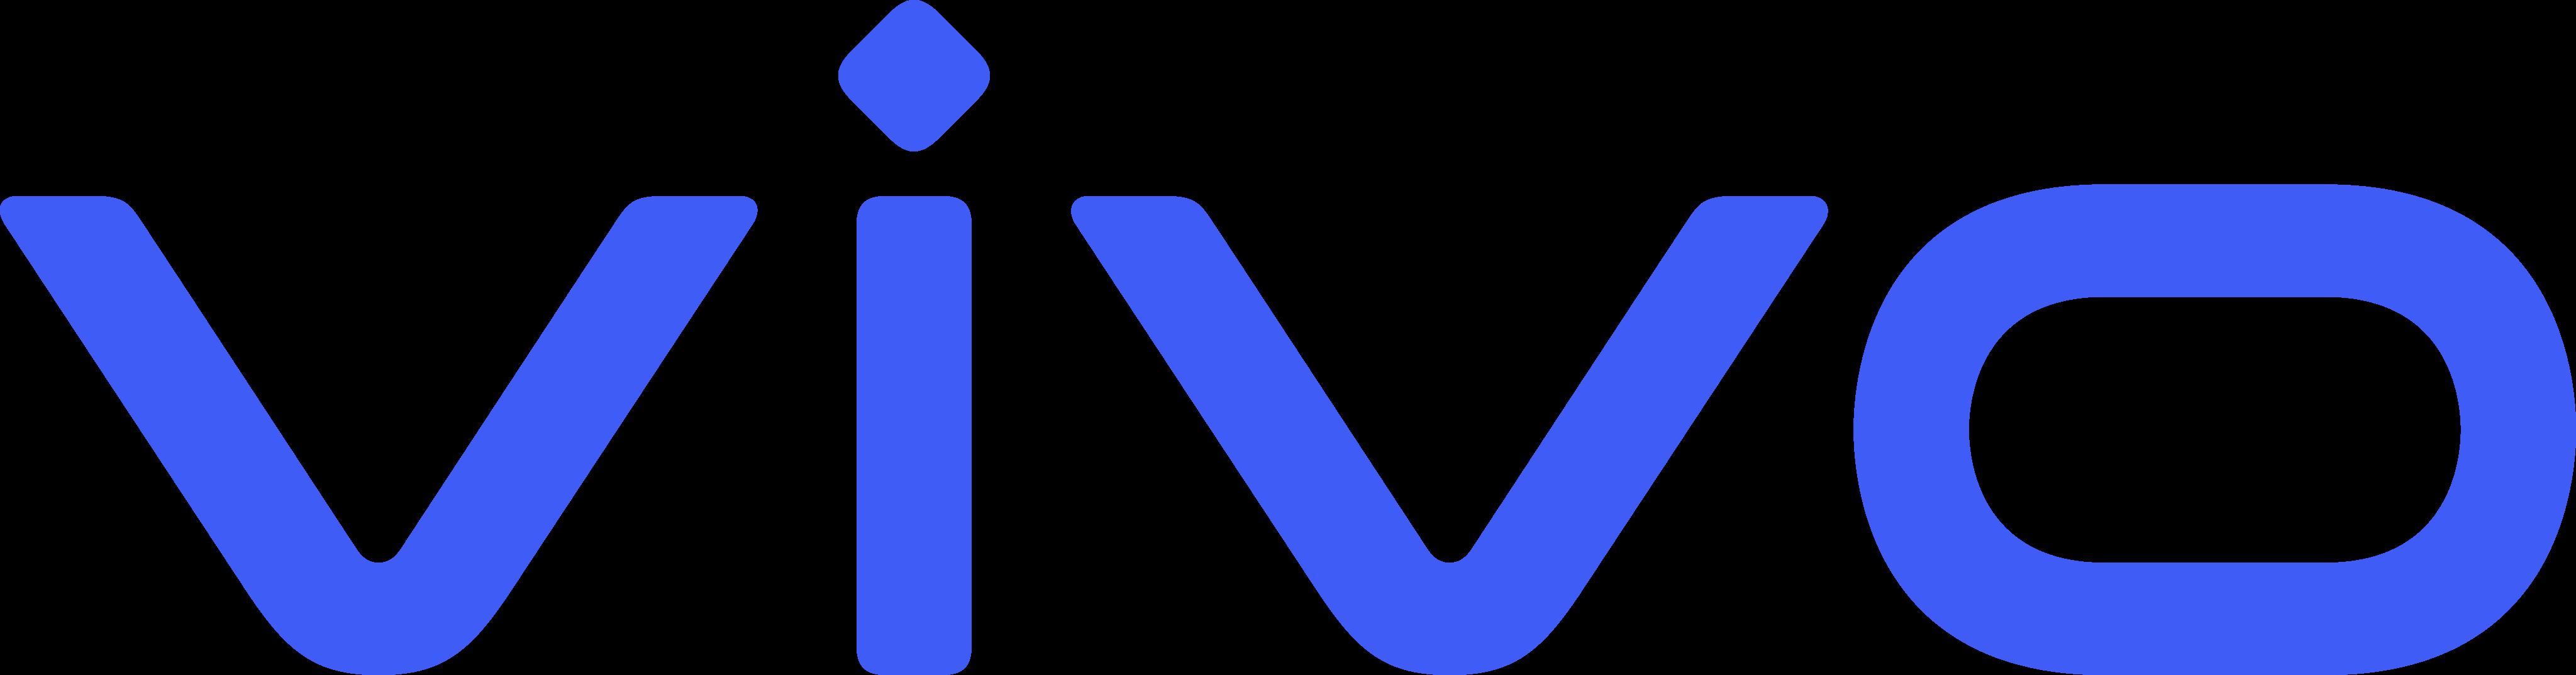 Vivo Smartphones Logo.